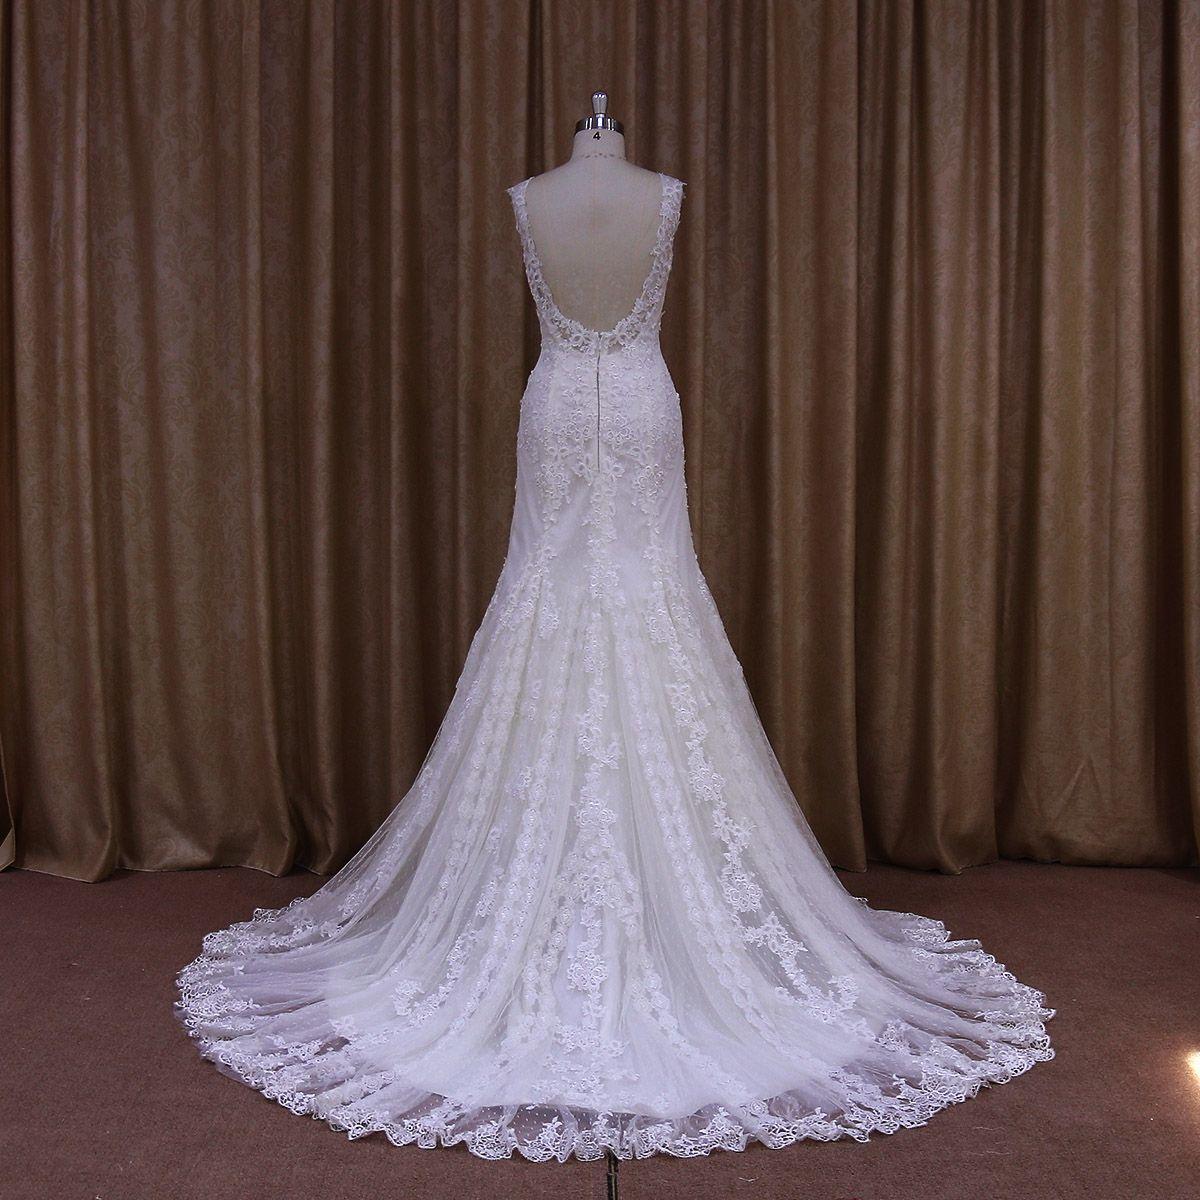 El vestido de novia Peonia de #innovias enamora con su encaje vintage y espalda descubierta. https://innovias.wordpress.com/2016/01/01/las-tendencias-en-moda-nupcial-del-2016-by-innovias/